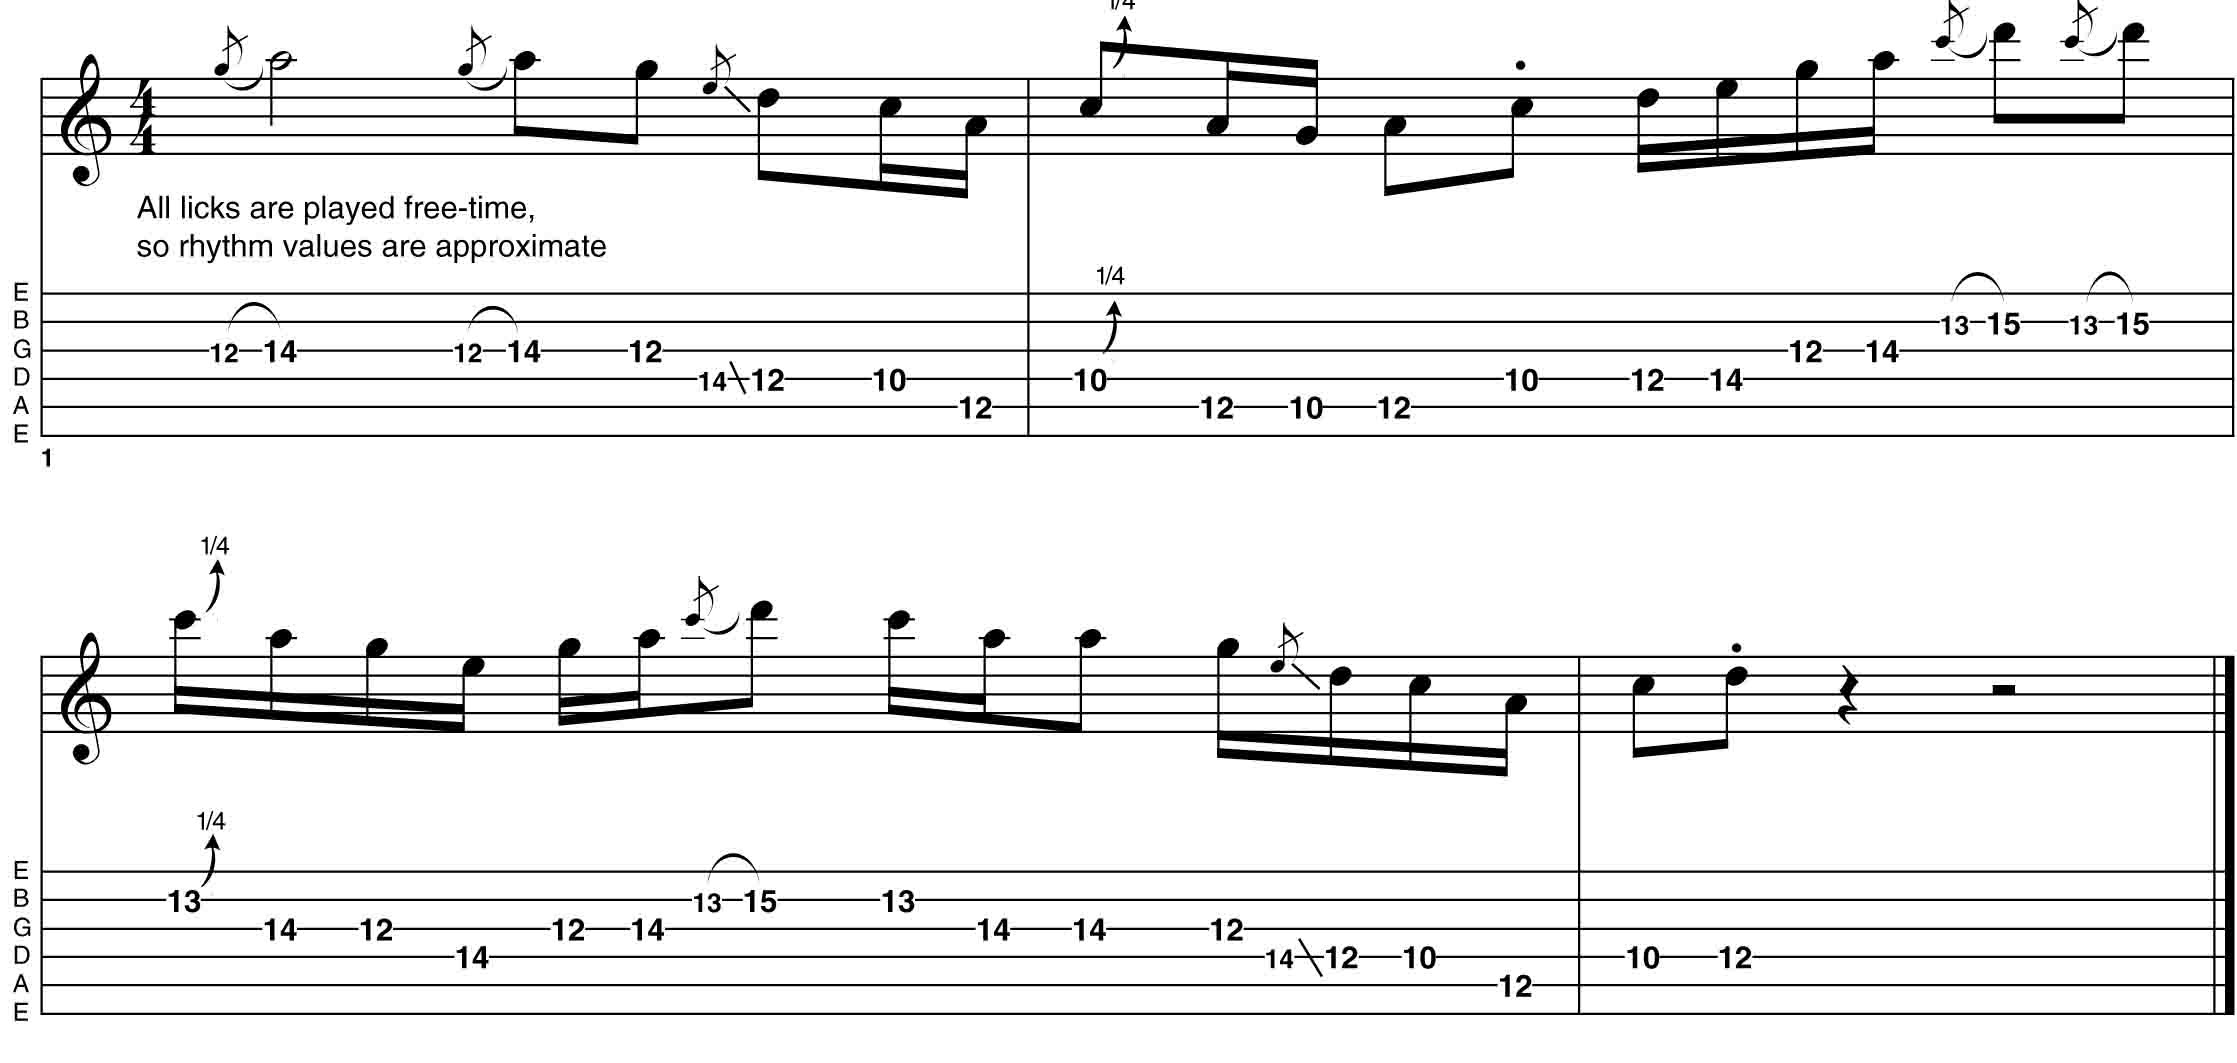 http://cdn.mos.musicradar.com/images/aaaroot/guitars/11nov16/bonamassa-tab/ex-1.jpg